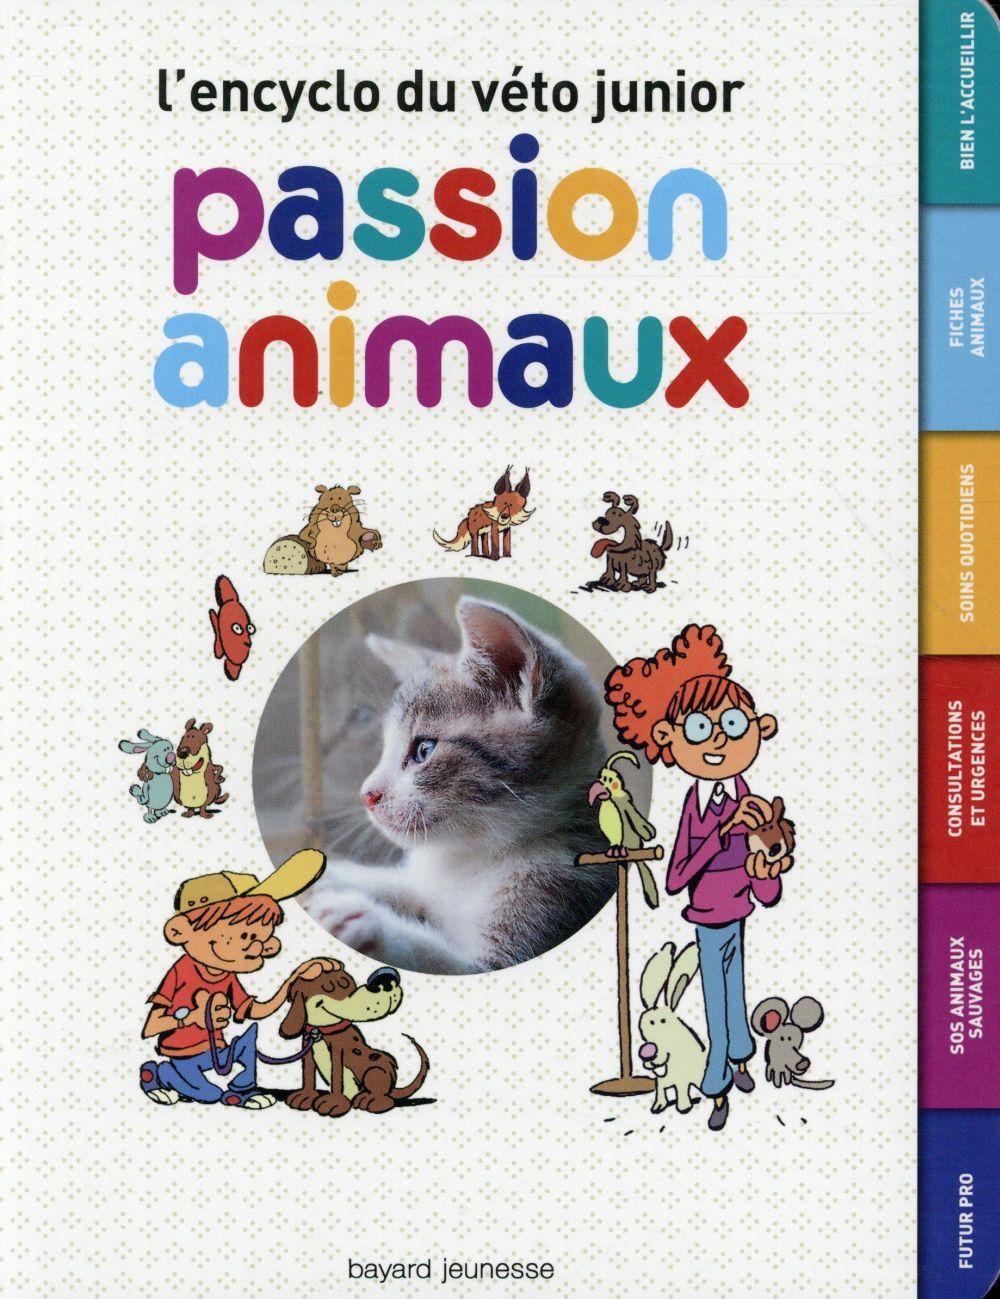 PASSION ANIMAUX - L'ENCYCLO DU JEUNE VETO